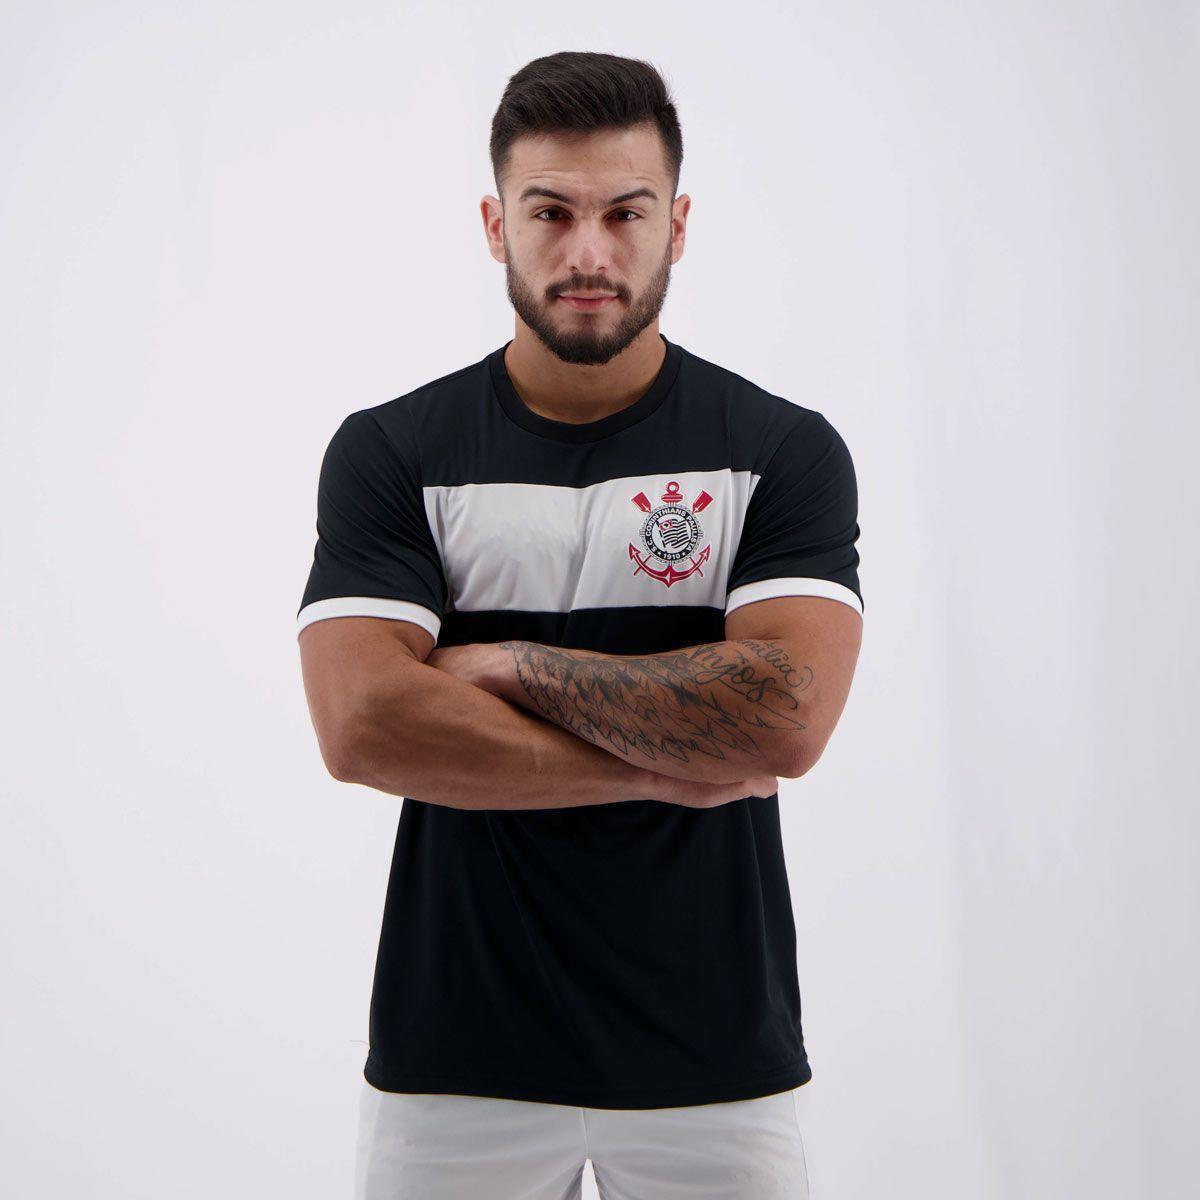 Camiseta Corinthians Basic Masculina - Compre Agora  9d557364aa9